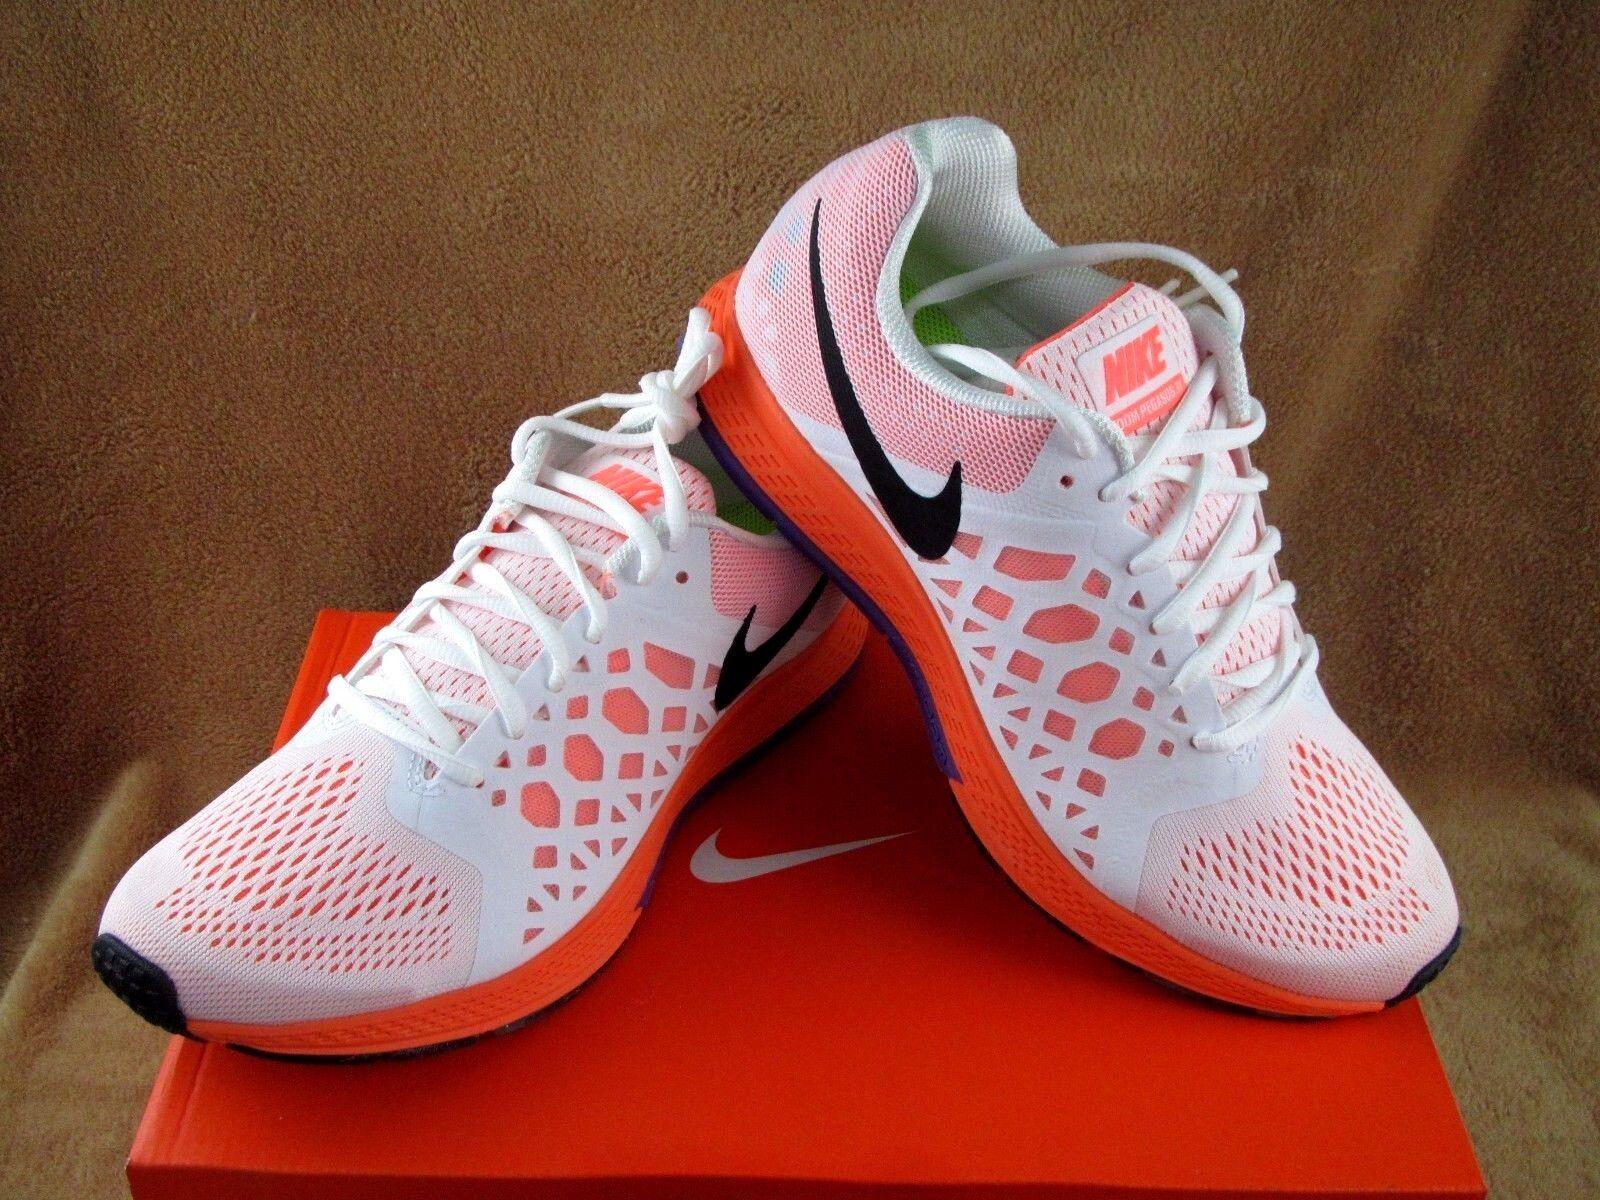 Nike Wmns Air Zoom Pegasus 31 WHT Shoe WHT 31 / BLK / Bright MNG / hypr GRP WMN es 5 baratos zapatos de mujer zapatos de mujer ce6345